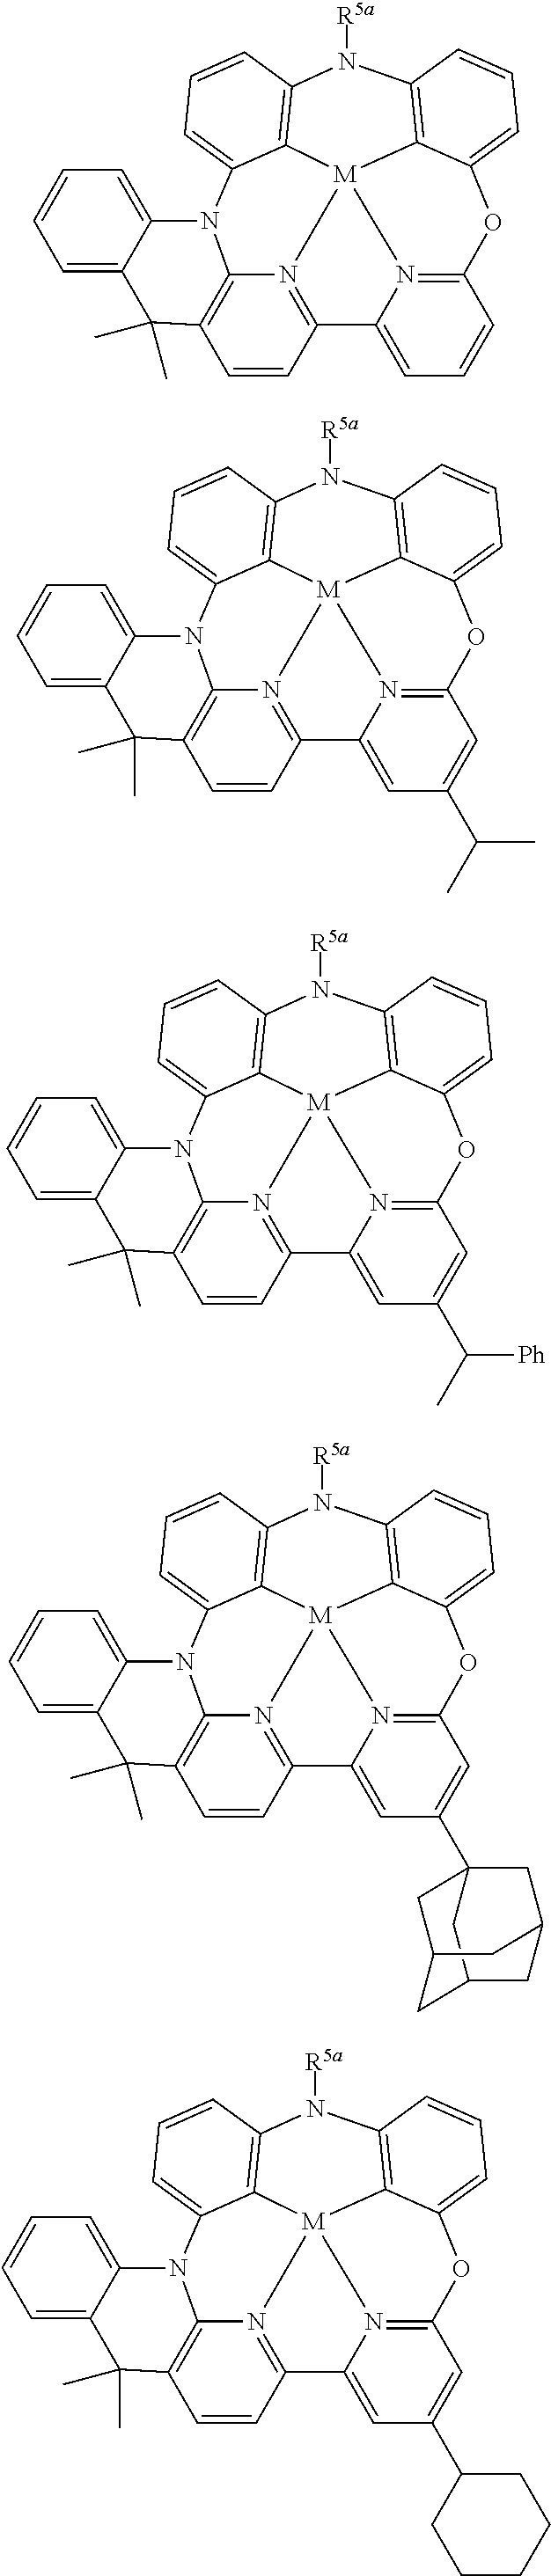 Figure US10158091-20181218-C00122